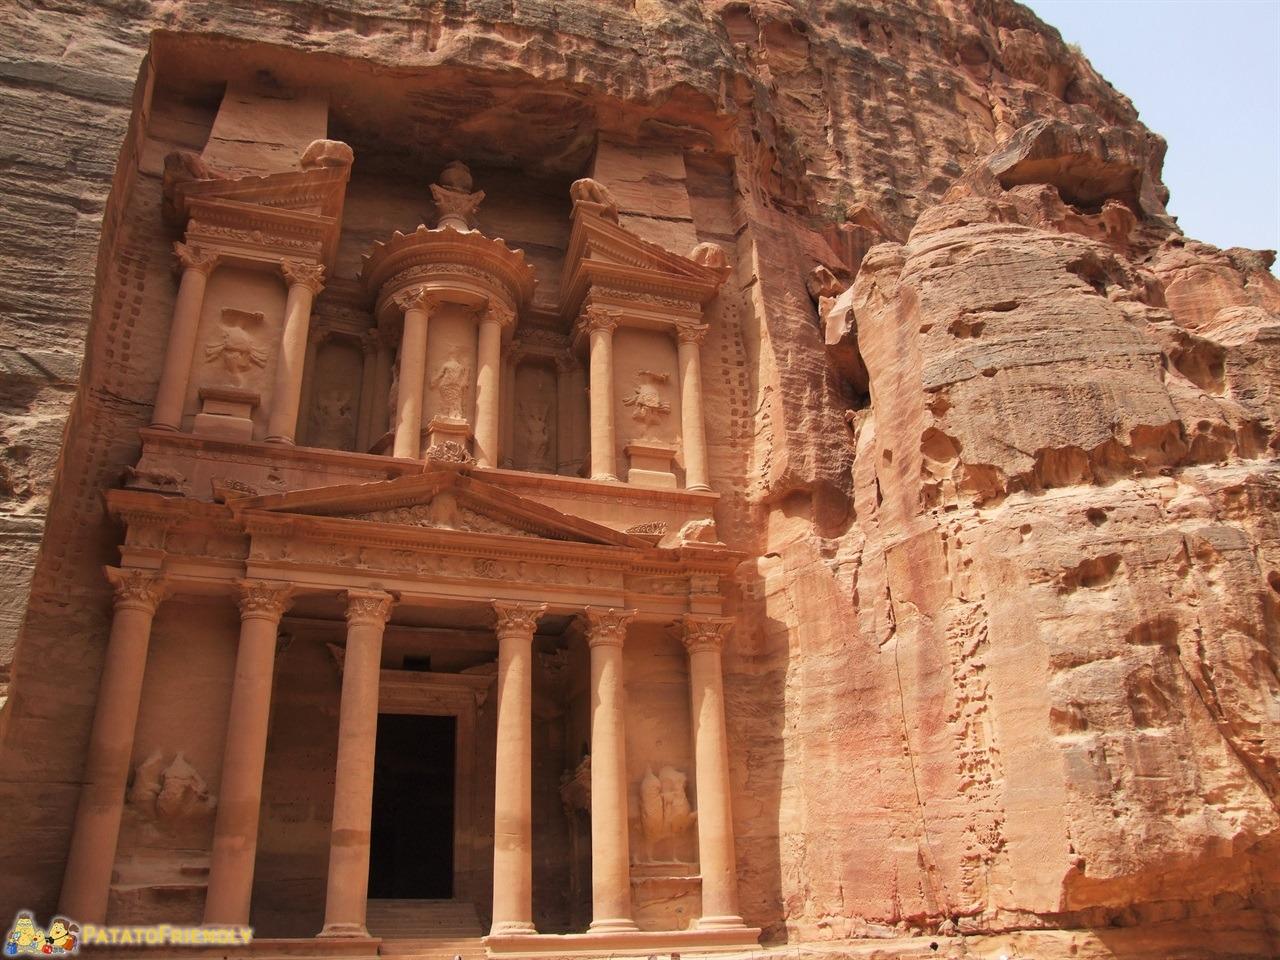 [cml_media_alt id='6748']Visitare Petra - Il Tesoro, il simbolo di Petra[/cml_media_alt]